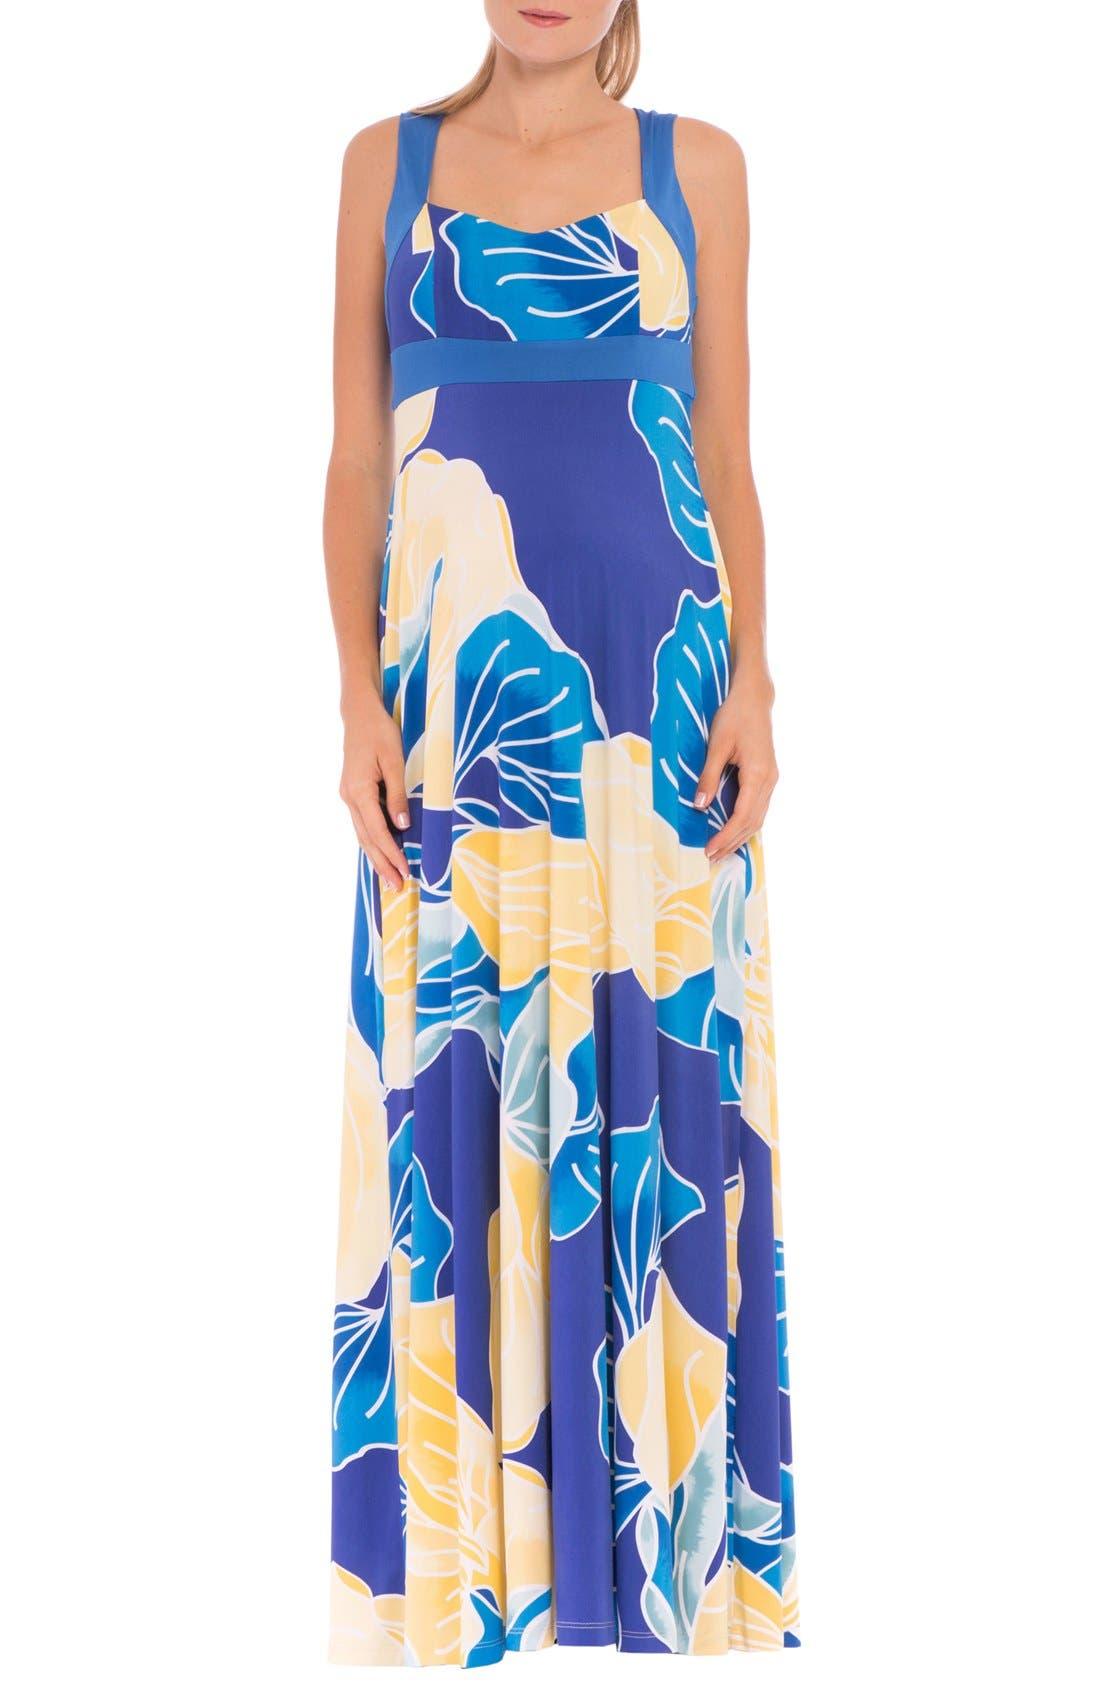 OLIAN Sharon Maternity Maxi Dress